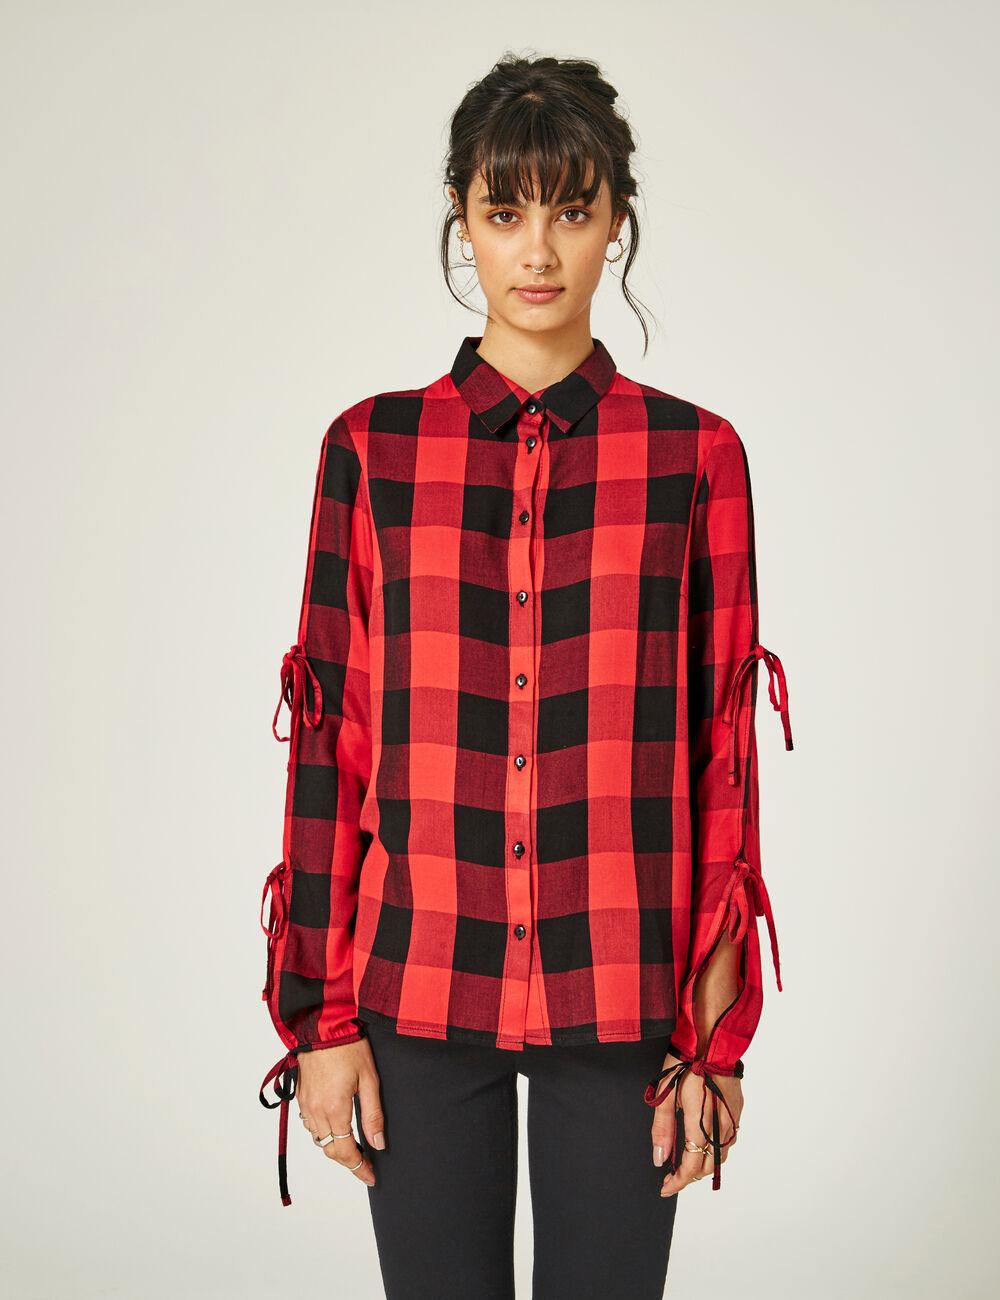 chemise avec manches fendues rouge et noire femme jennyfer. Black Bedroom Furniture Sets. Home Design Ideas